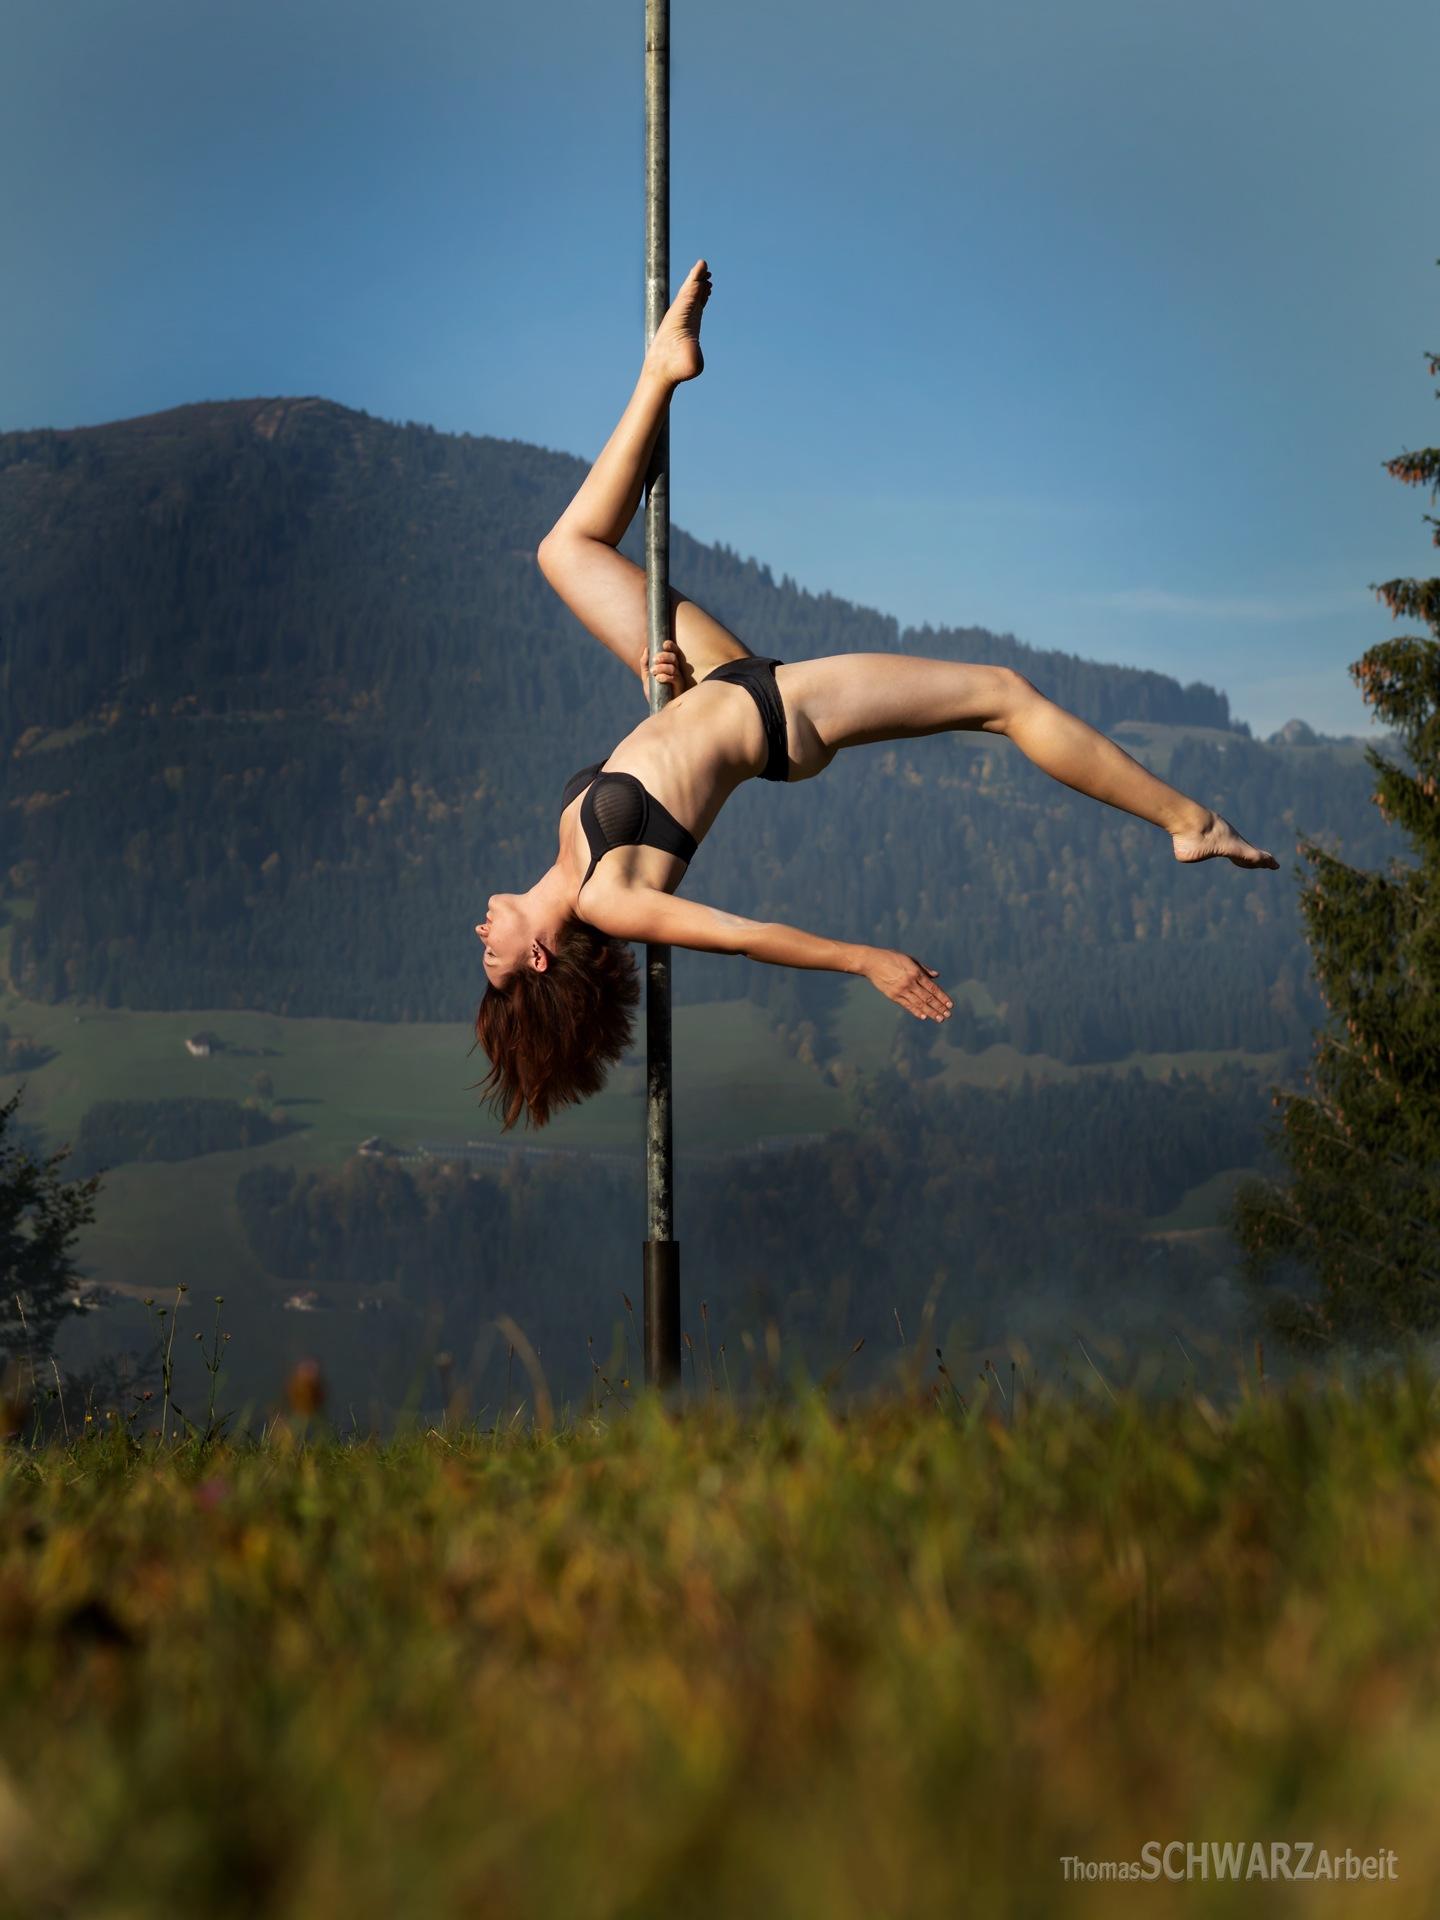 pole dance 07 by thomasschwarzarbeit